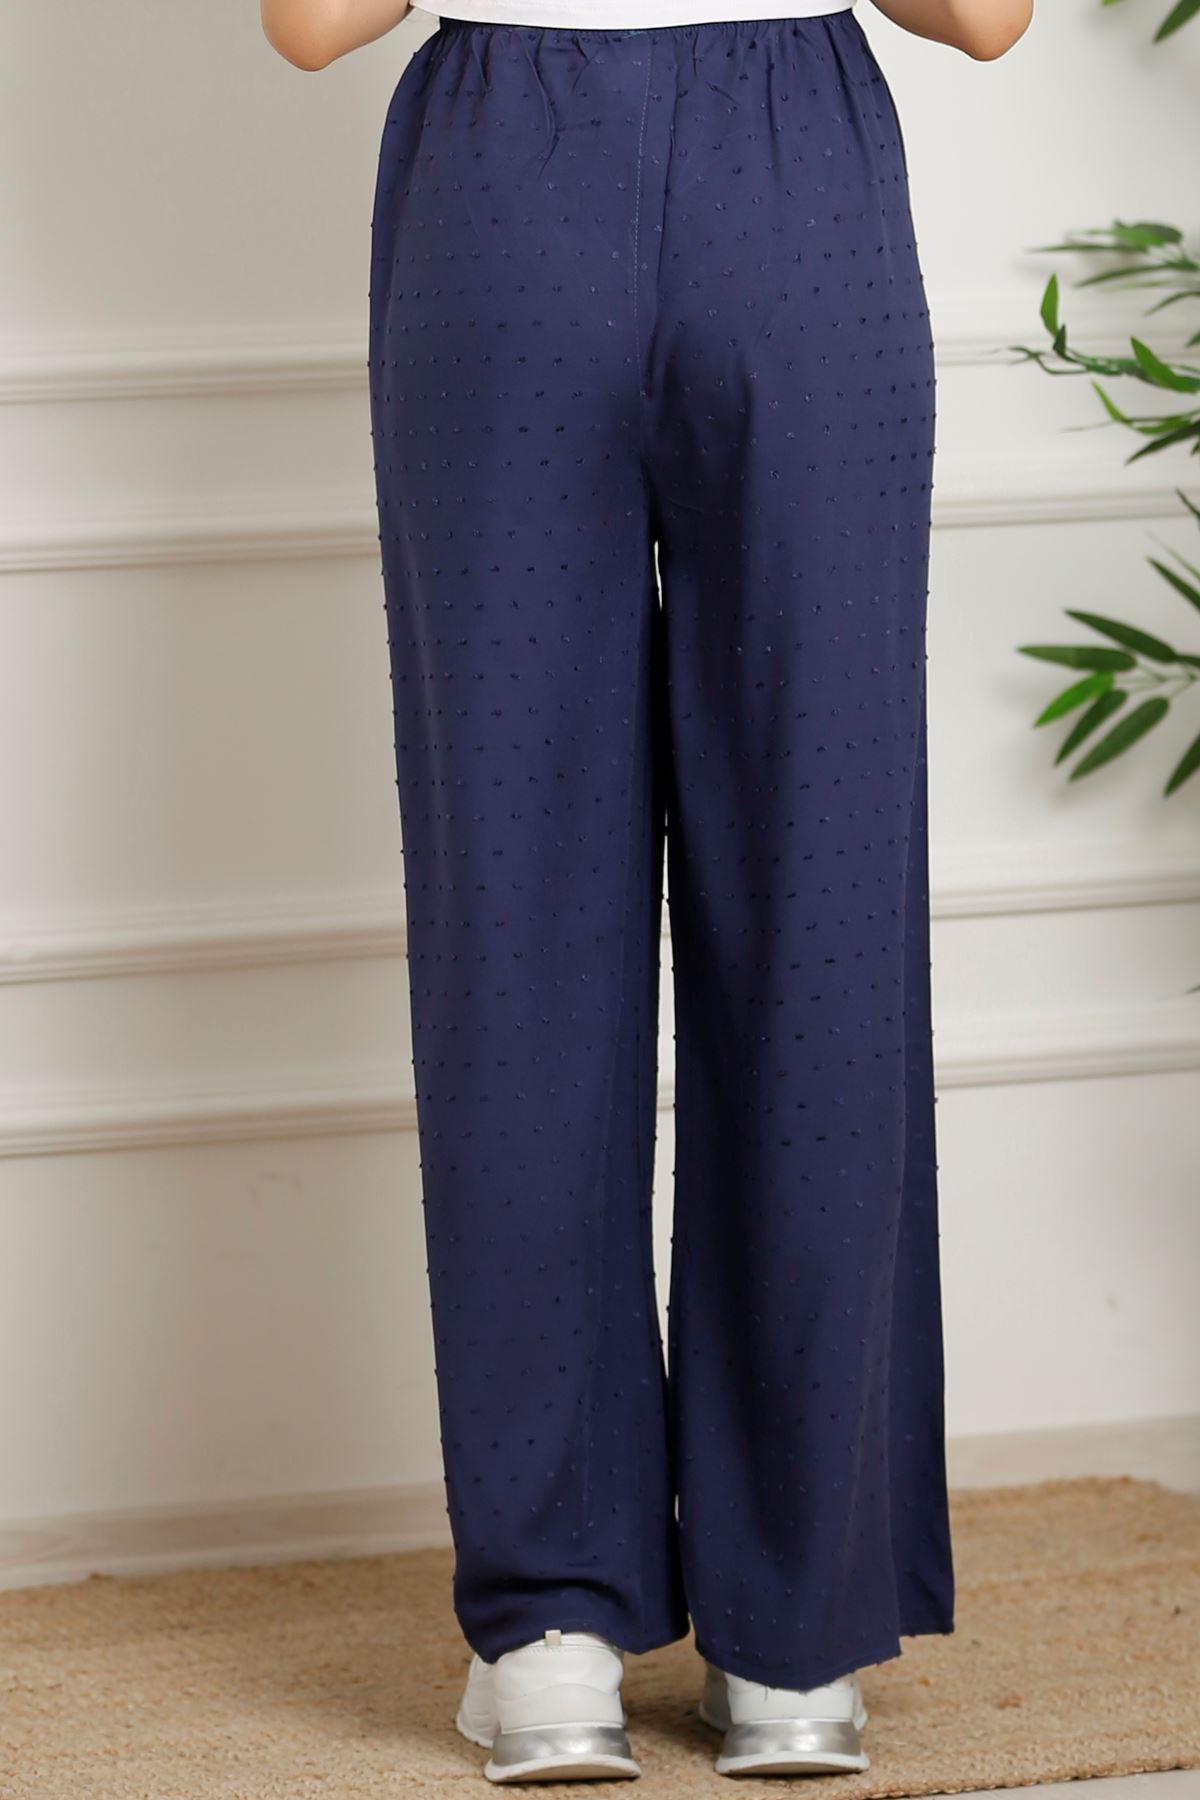 Kemerli Trend Bol Pantolon Noktalıindigo - 0752.128.